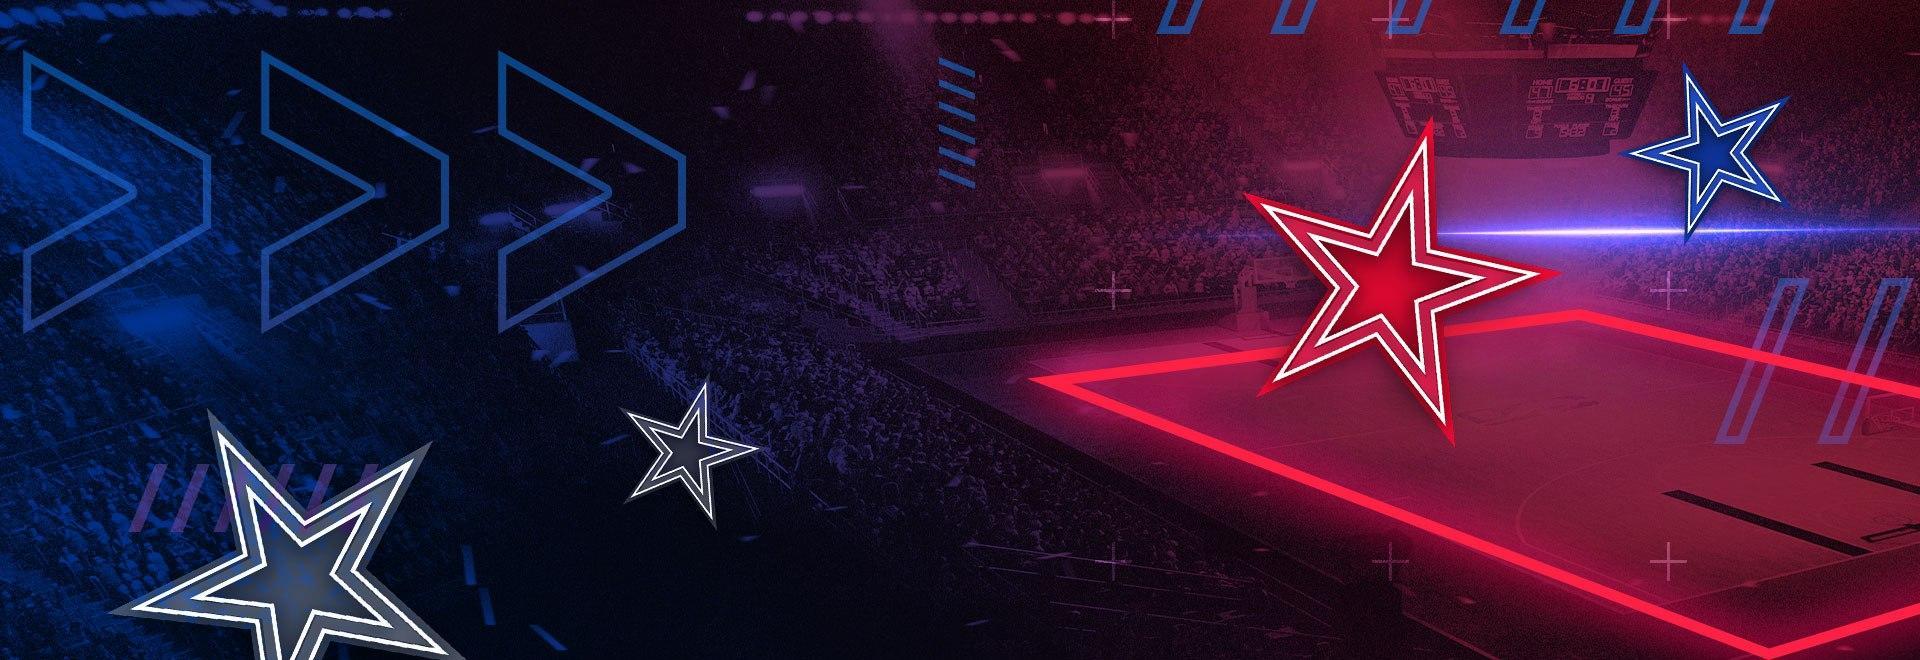 All Star Saturday 2018